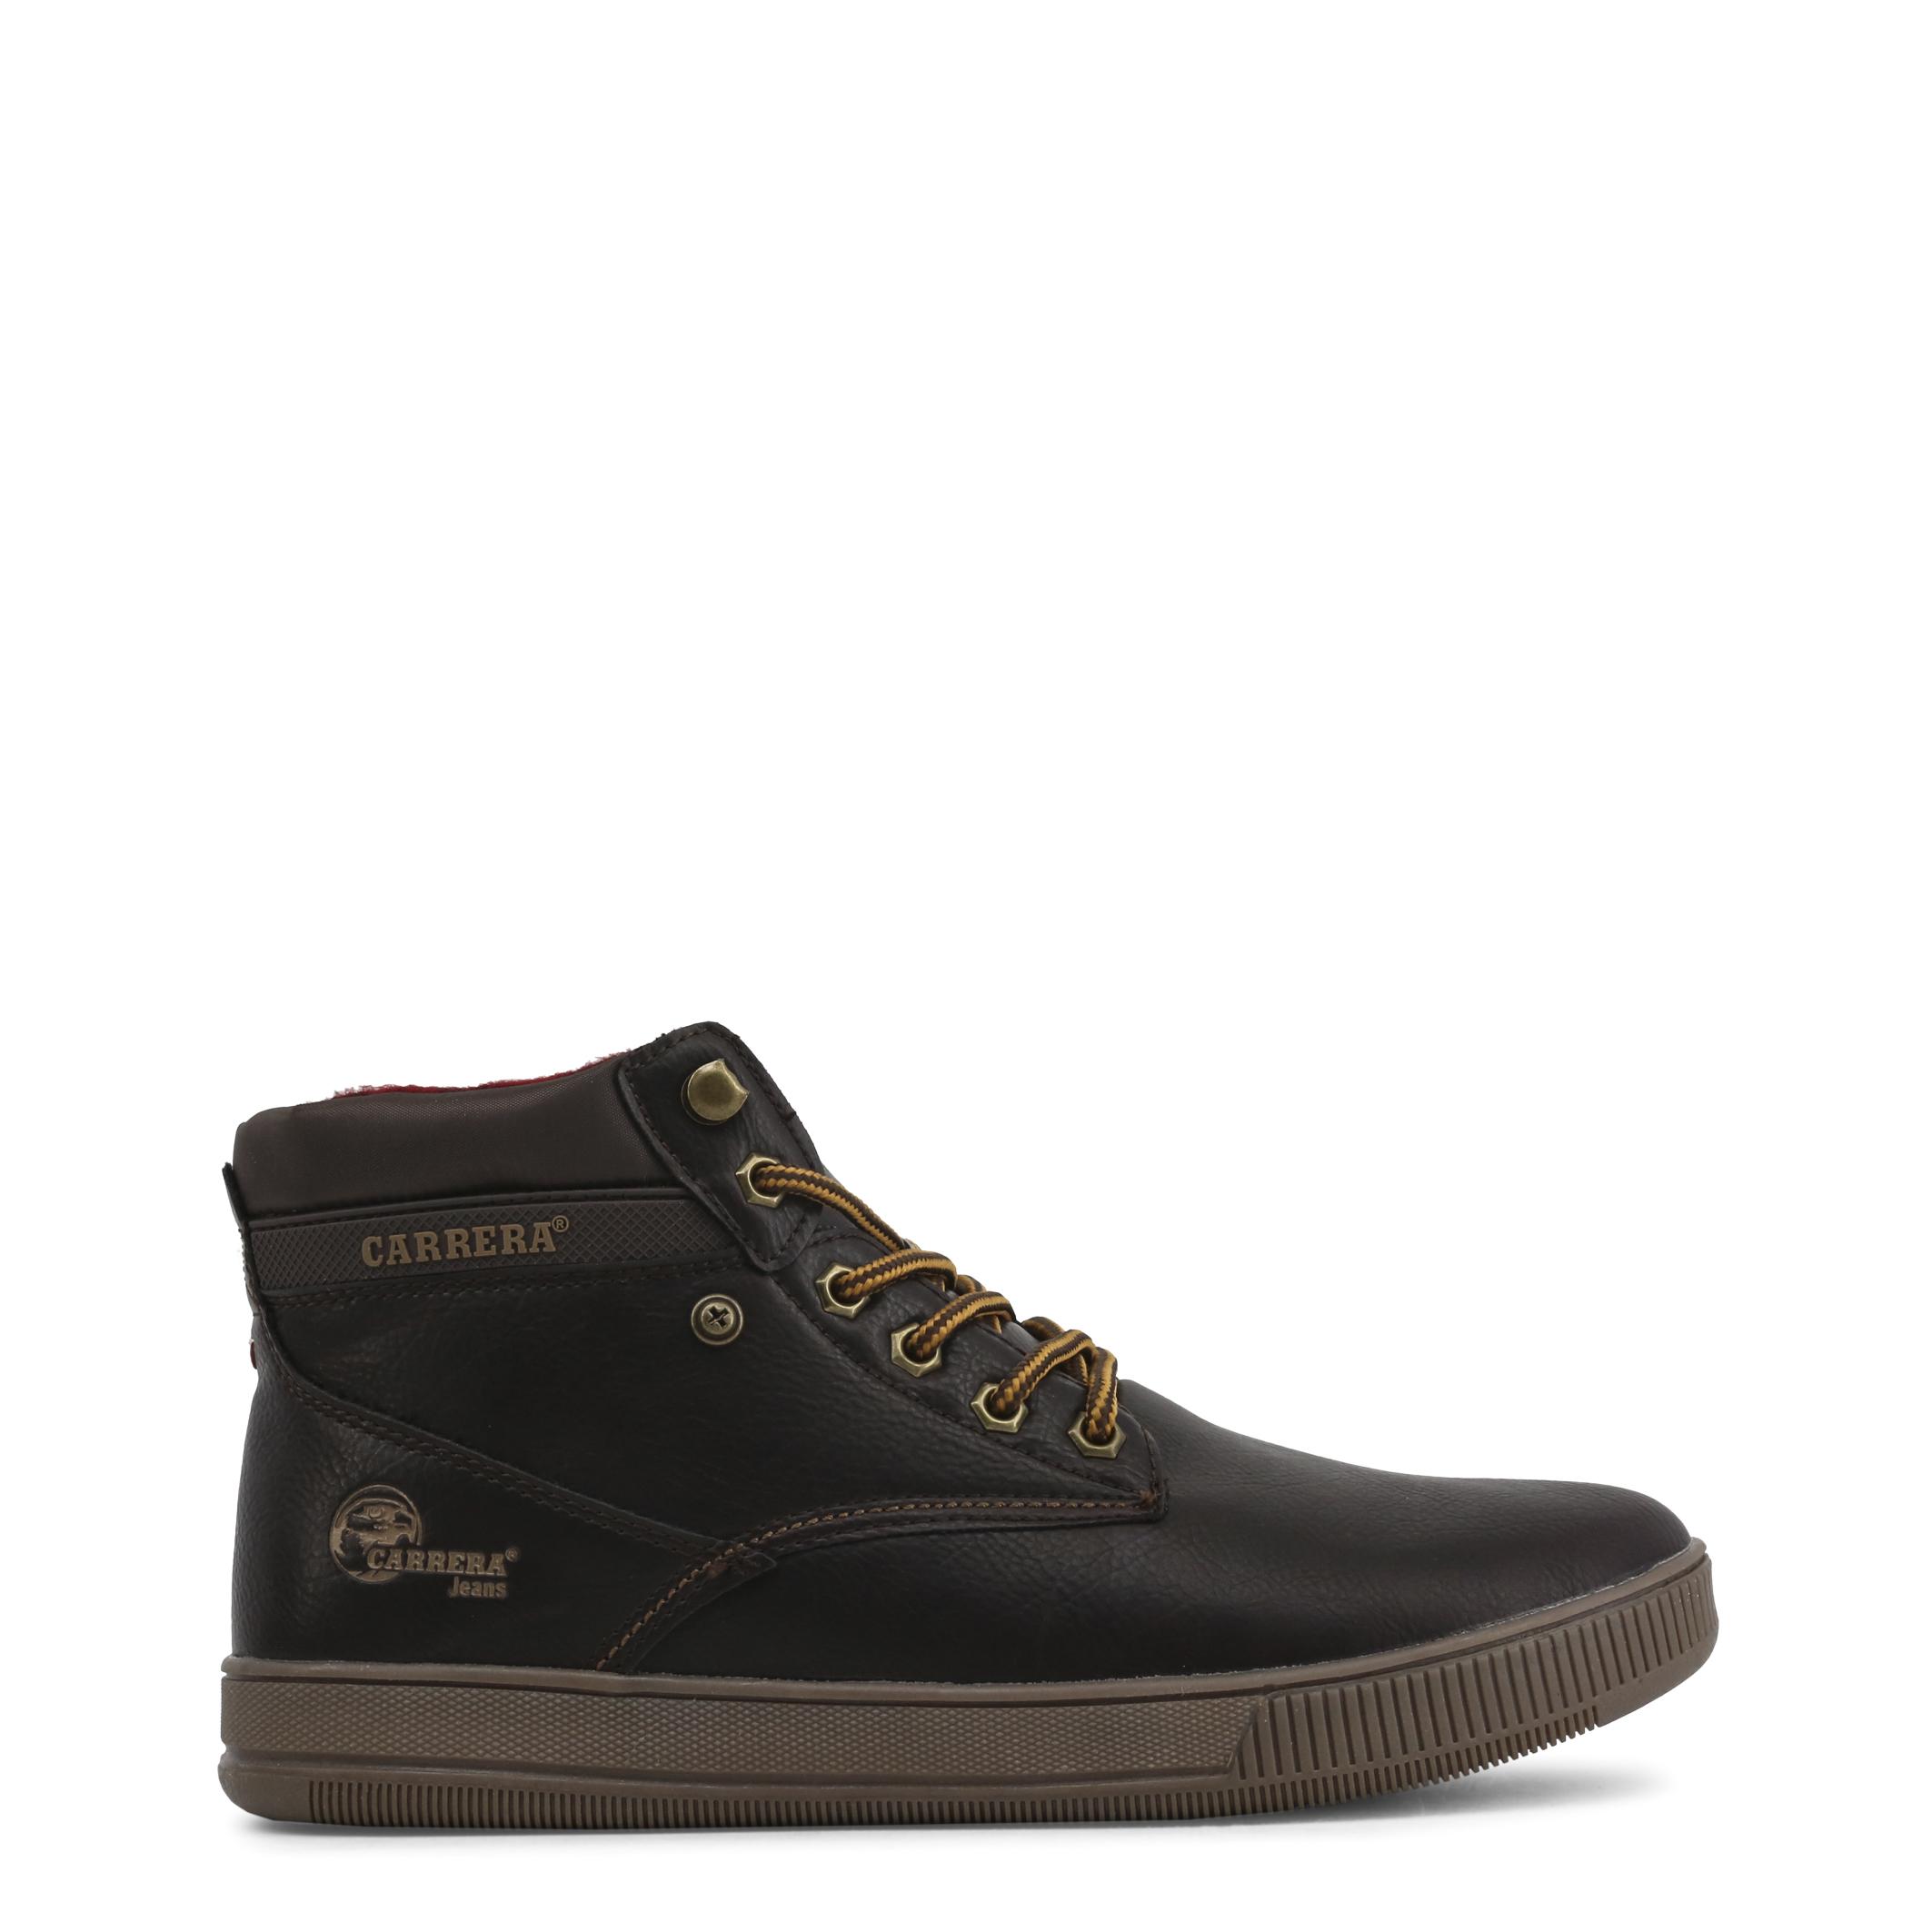 Carrera Jeans CAM825001 Uomo Marrone 94257